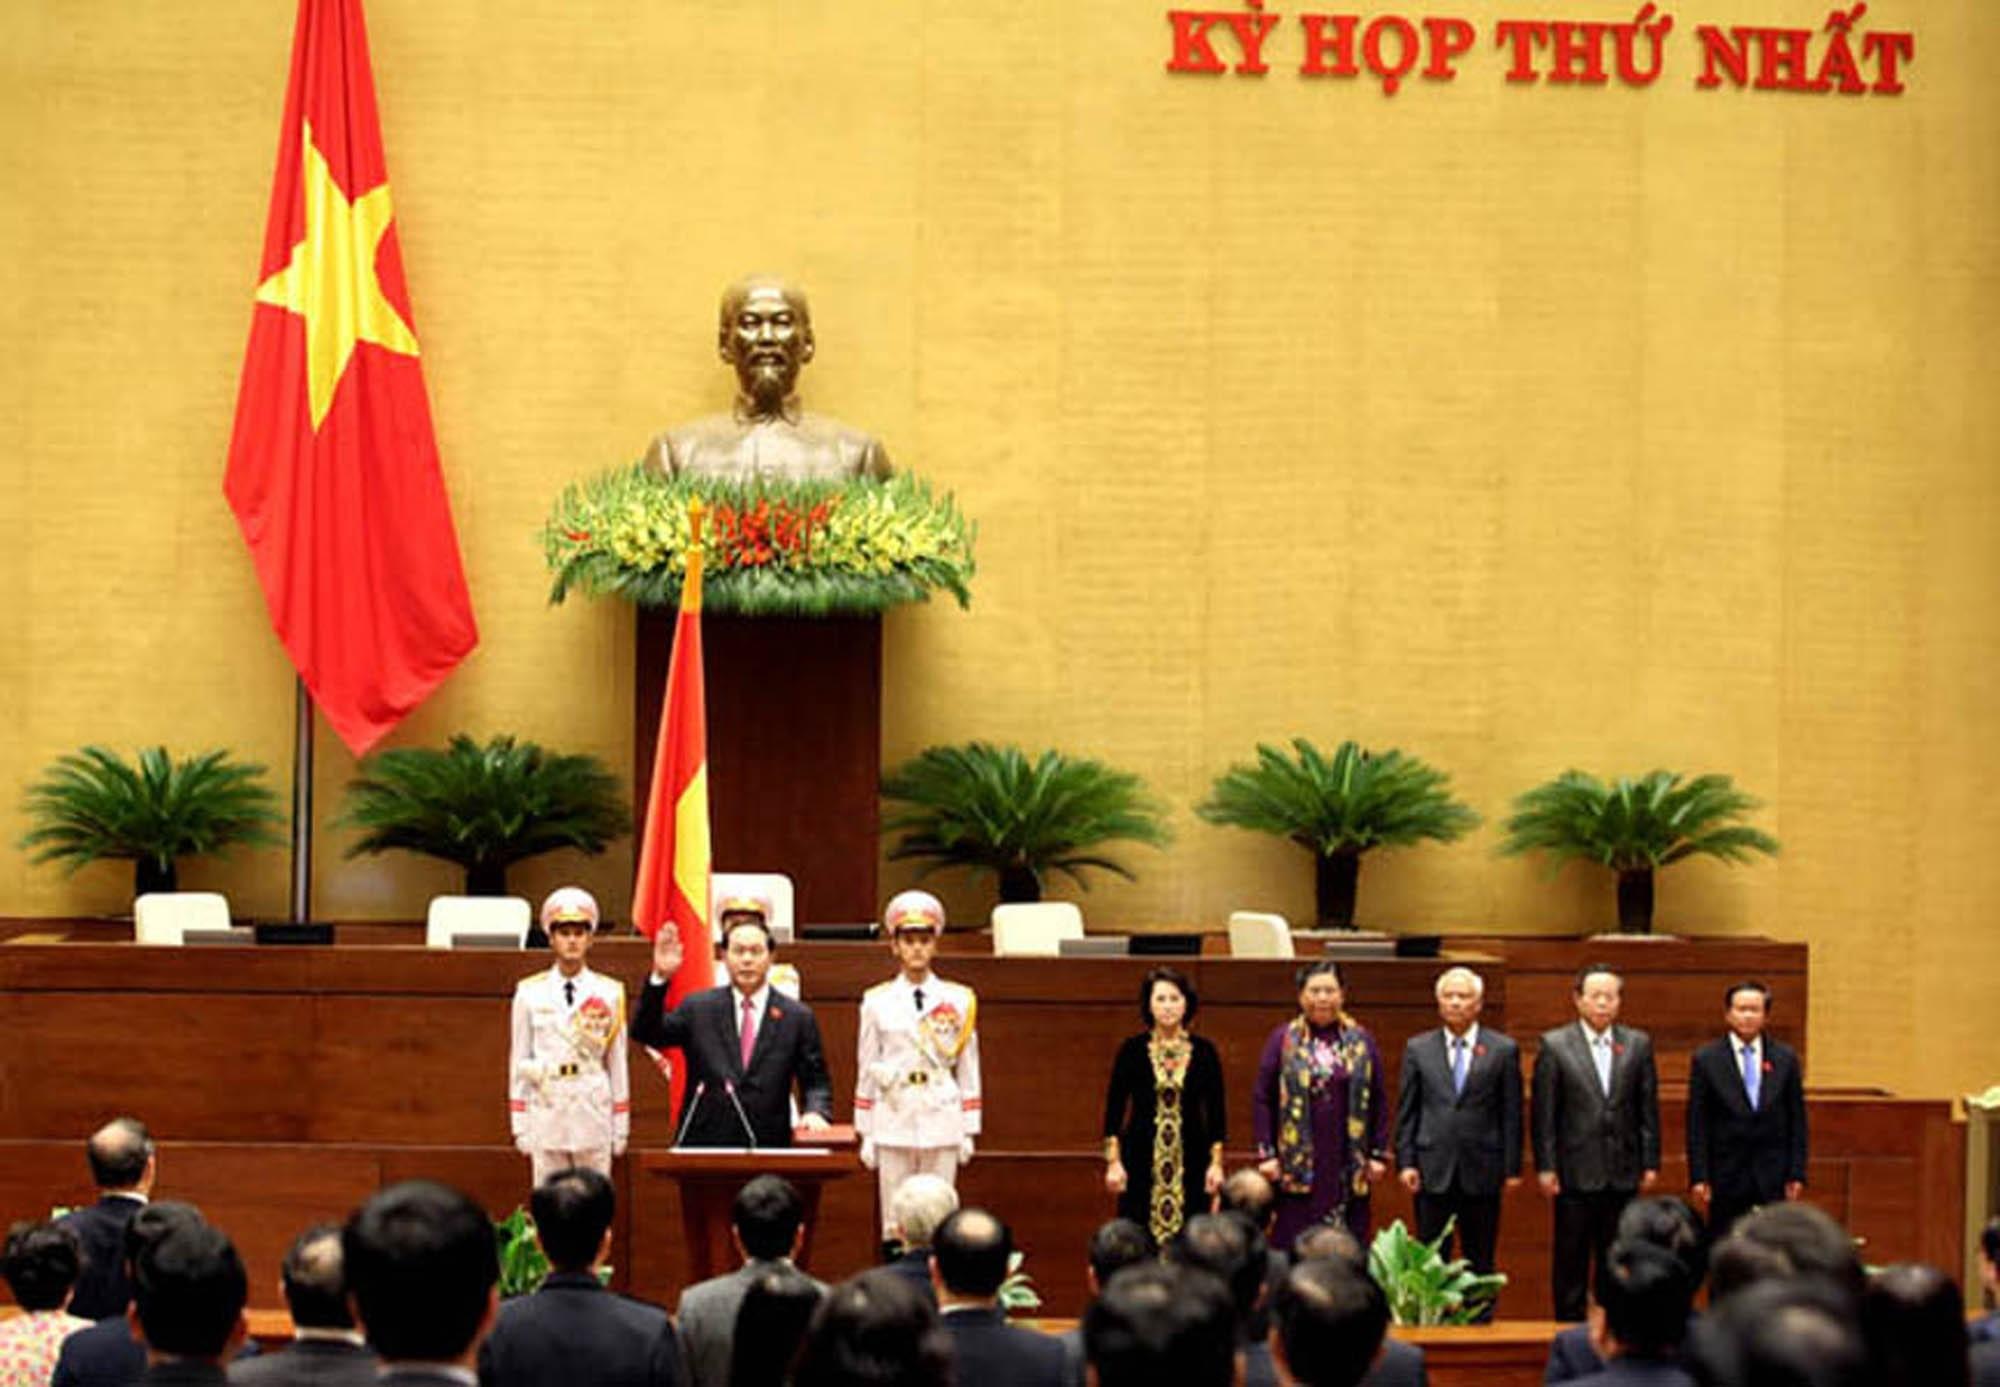 Chủ tịch nước làm lễ tuyên thệ nhậm chức. (Ảnh: H.L)